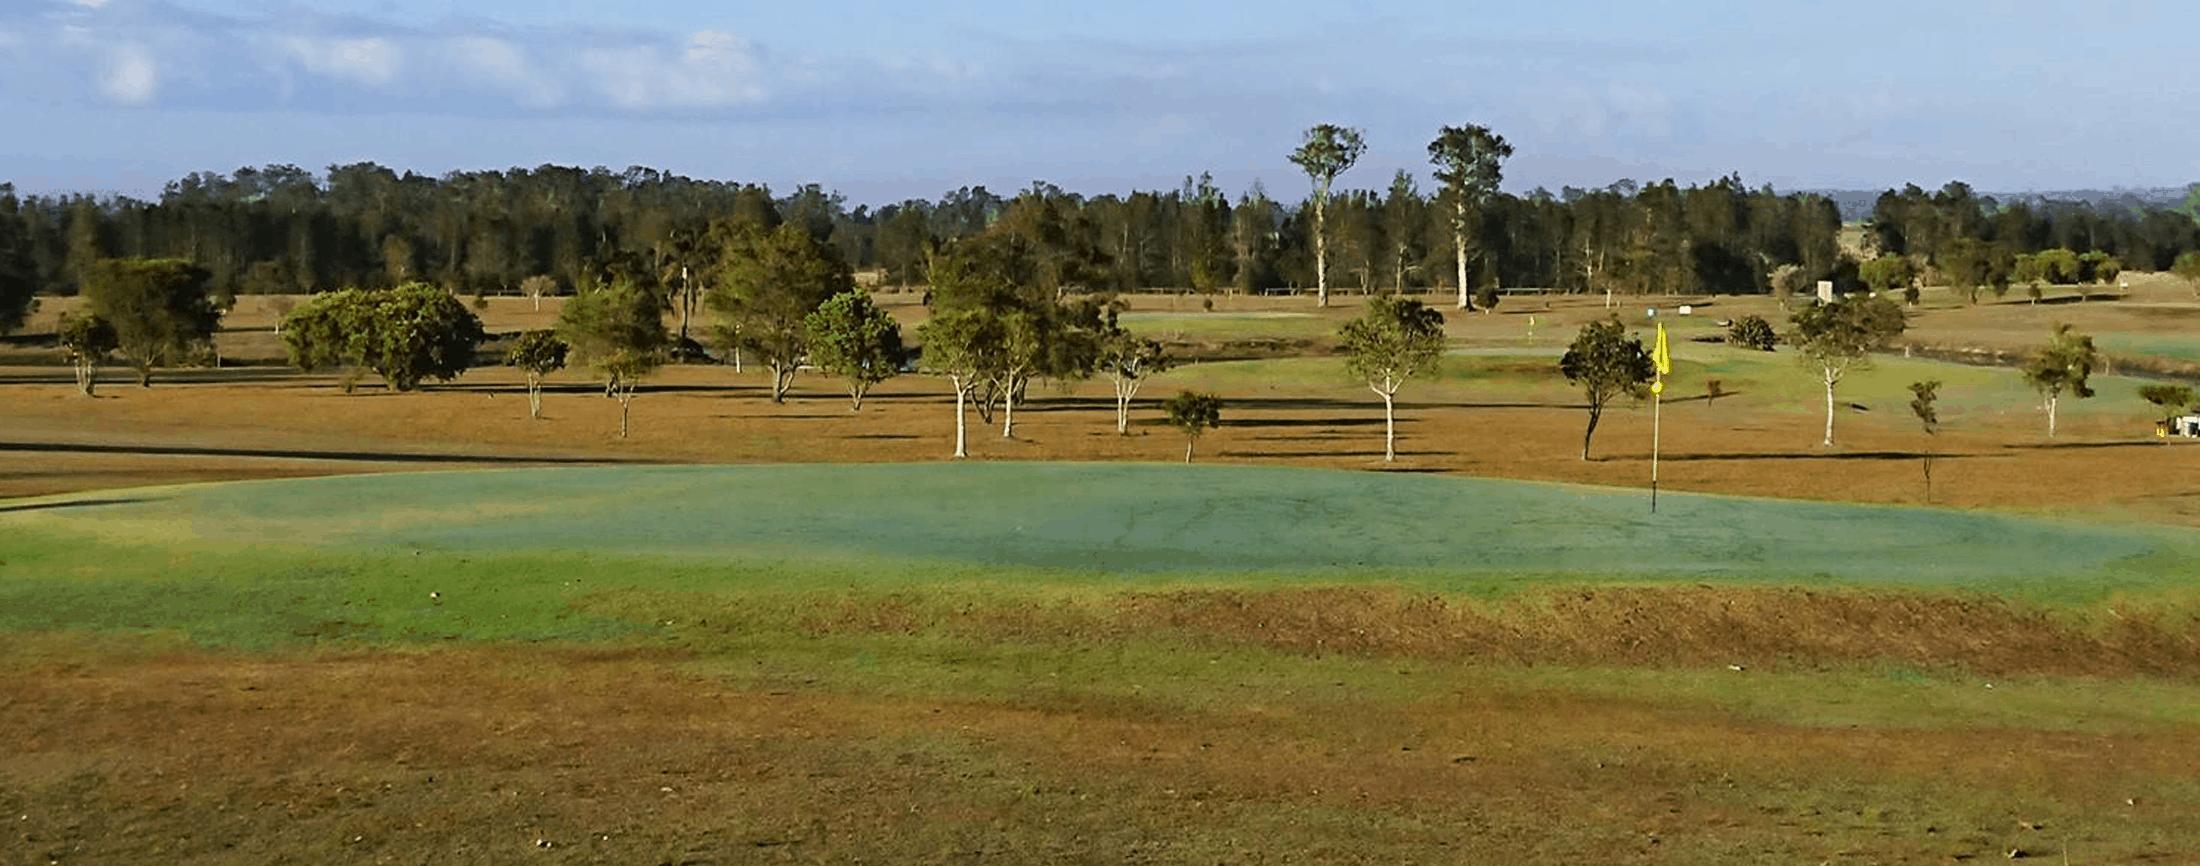 Lawrence Golf & Sports Club